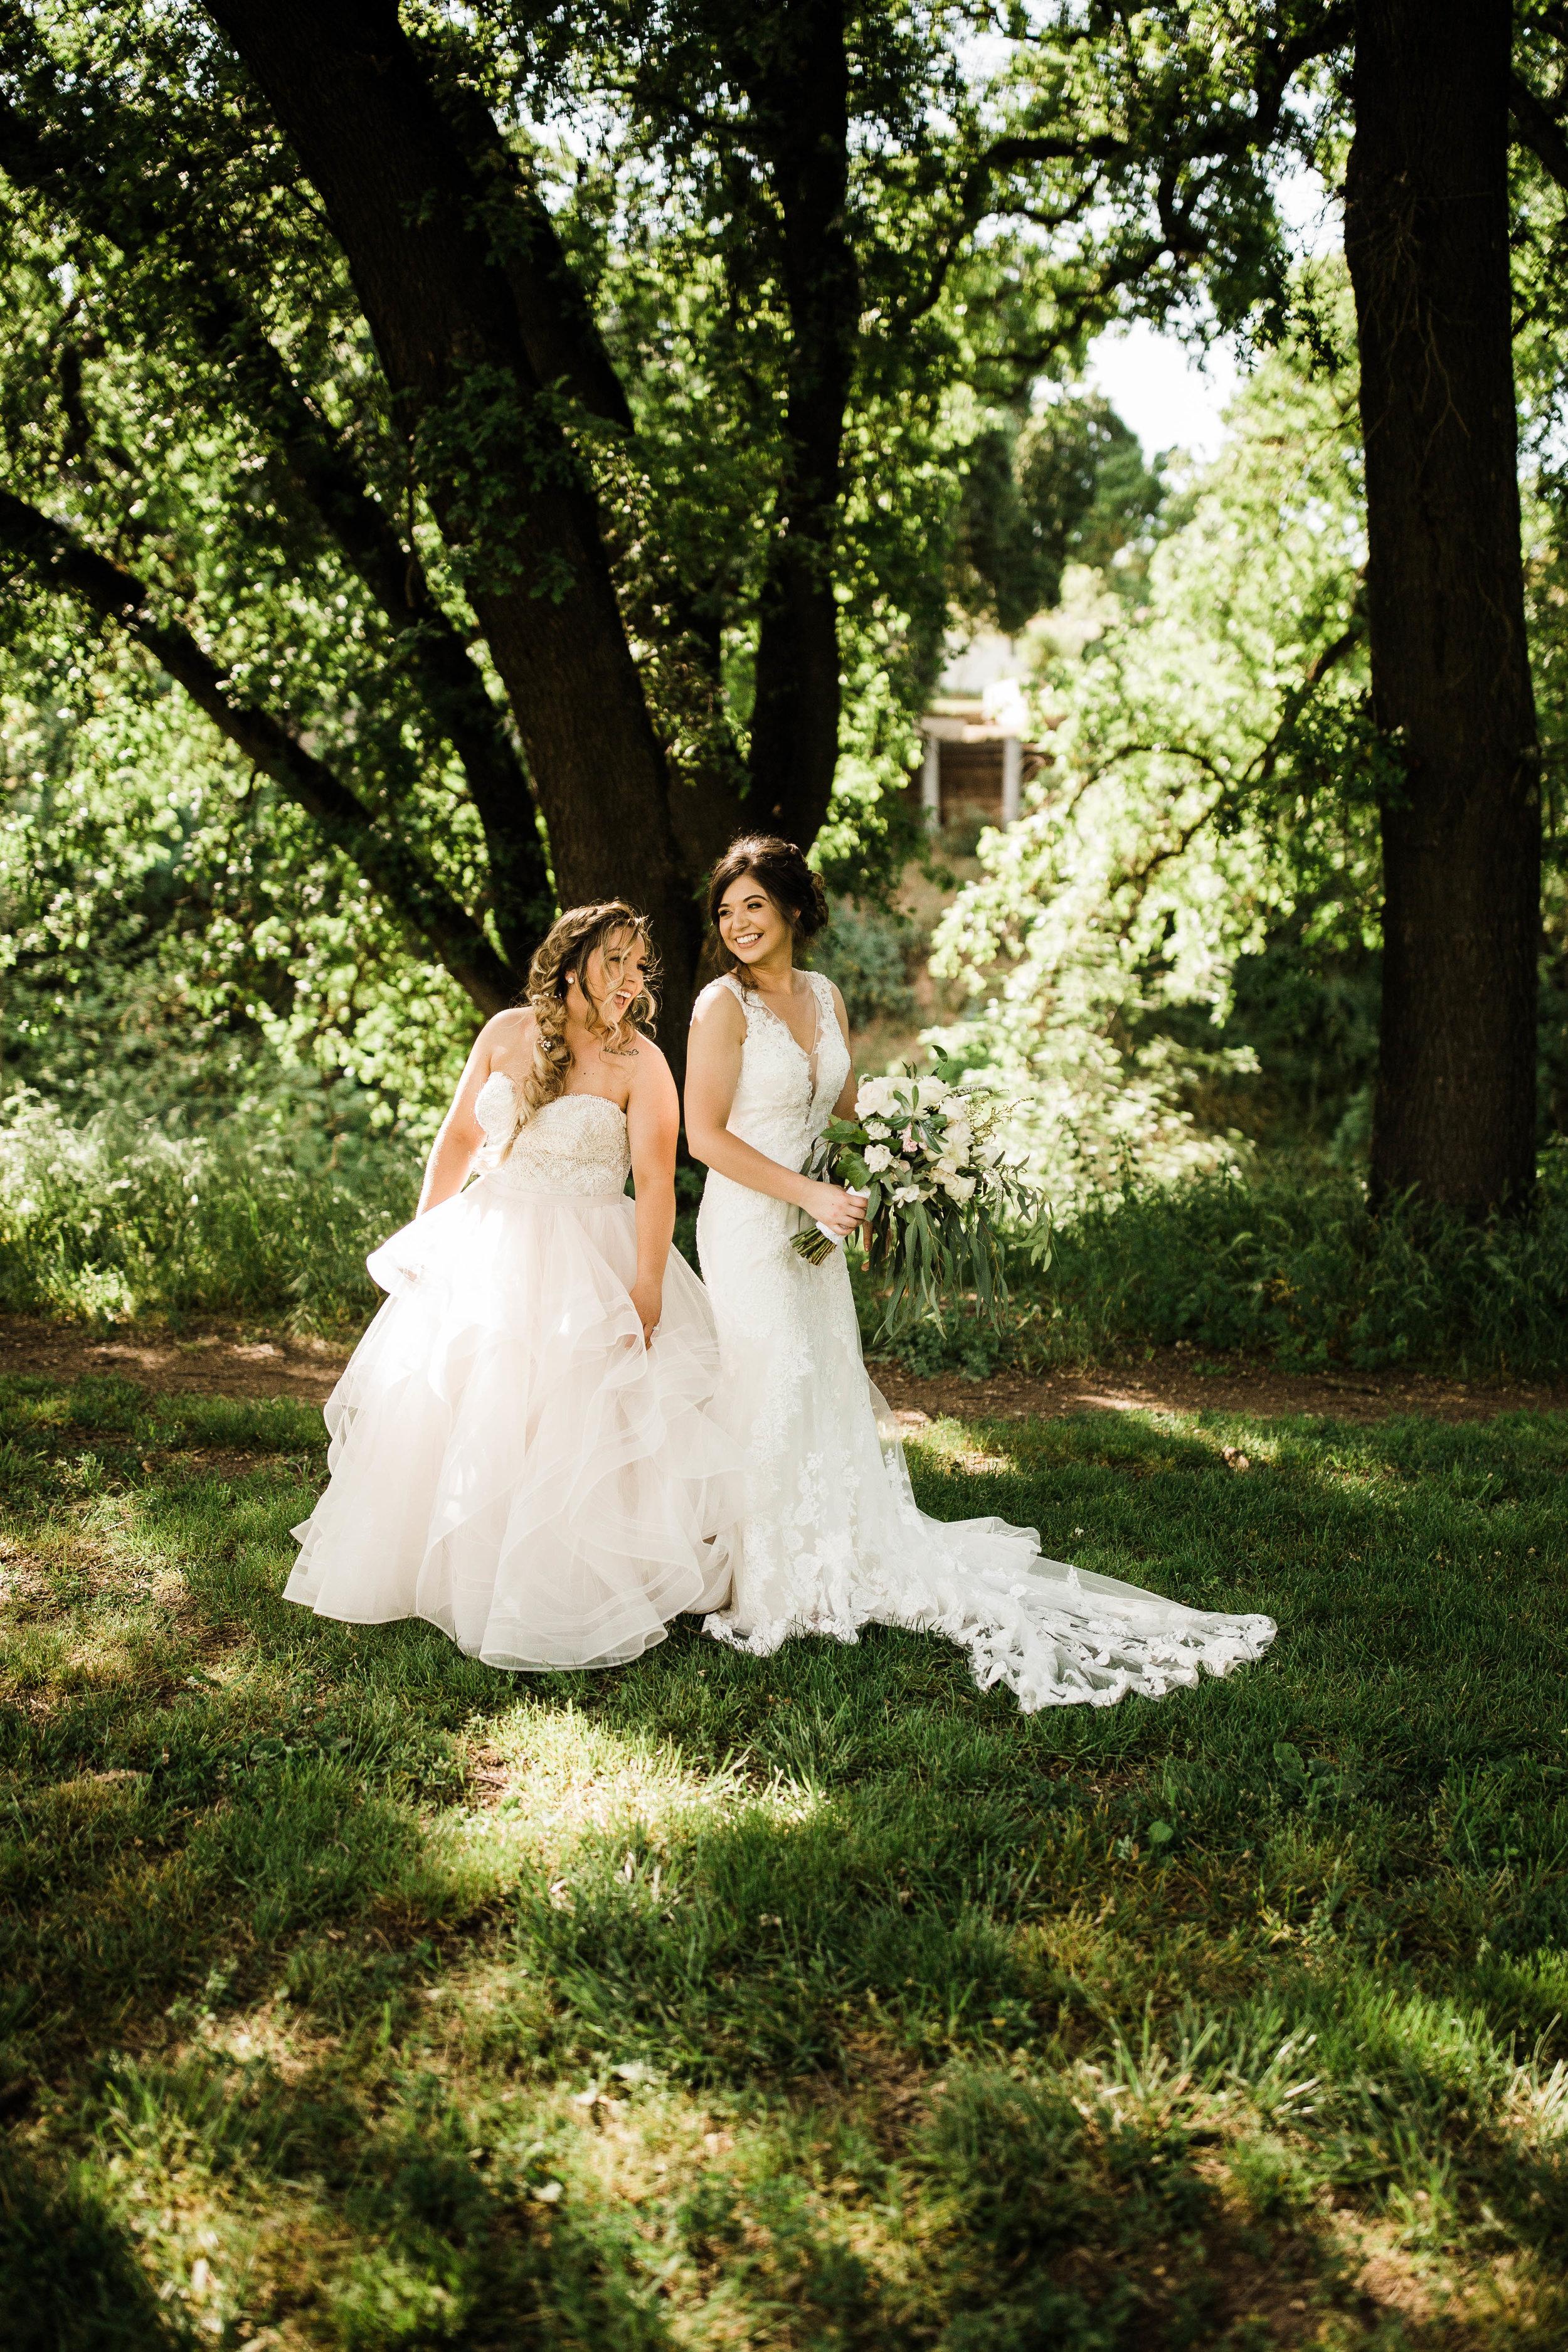 Kelsee&Yudith'sbackyardintimatewedding(321of646).jpg